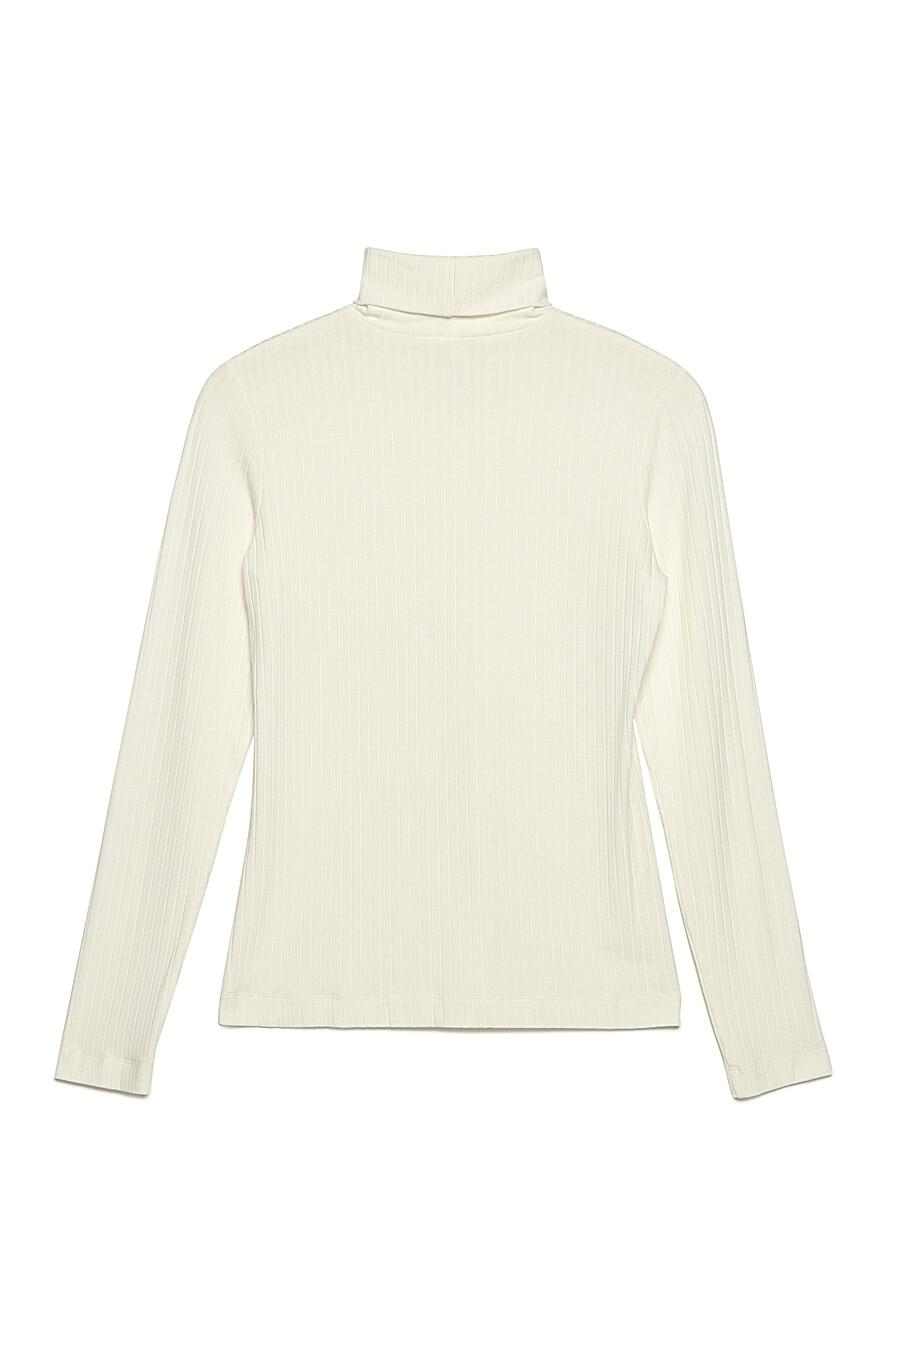 Водолазка для женщин CONTE ELEGANT 148637 купить оптом от производителя. Совместная покупка женской одежды в OptMoyo